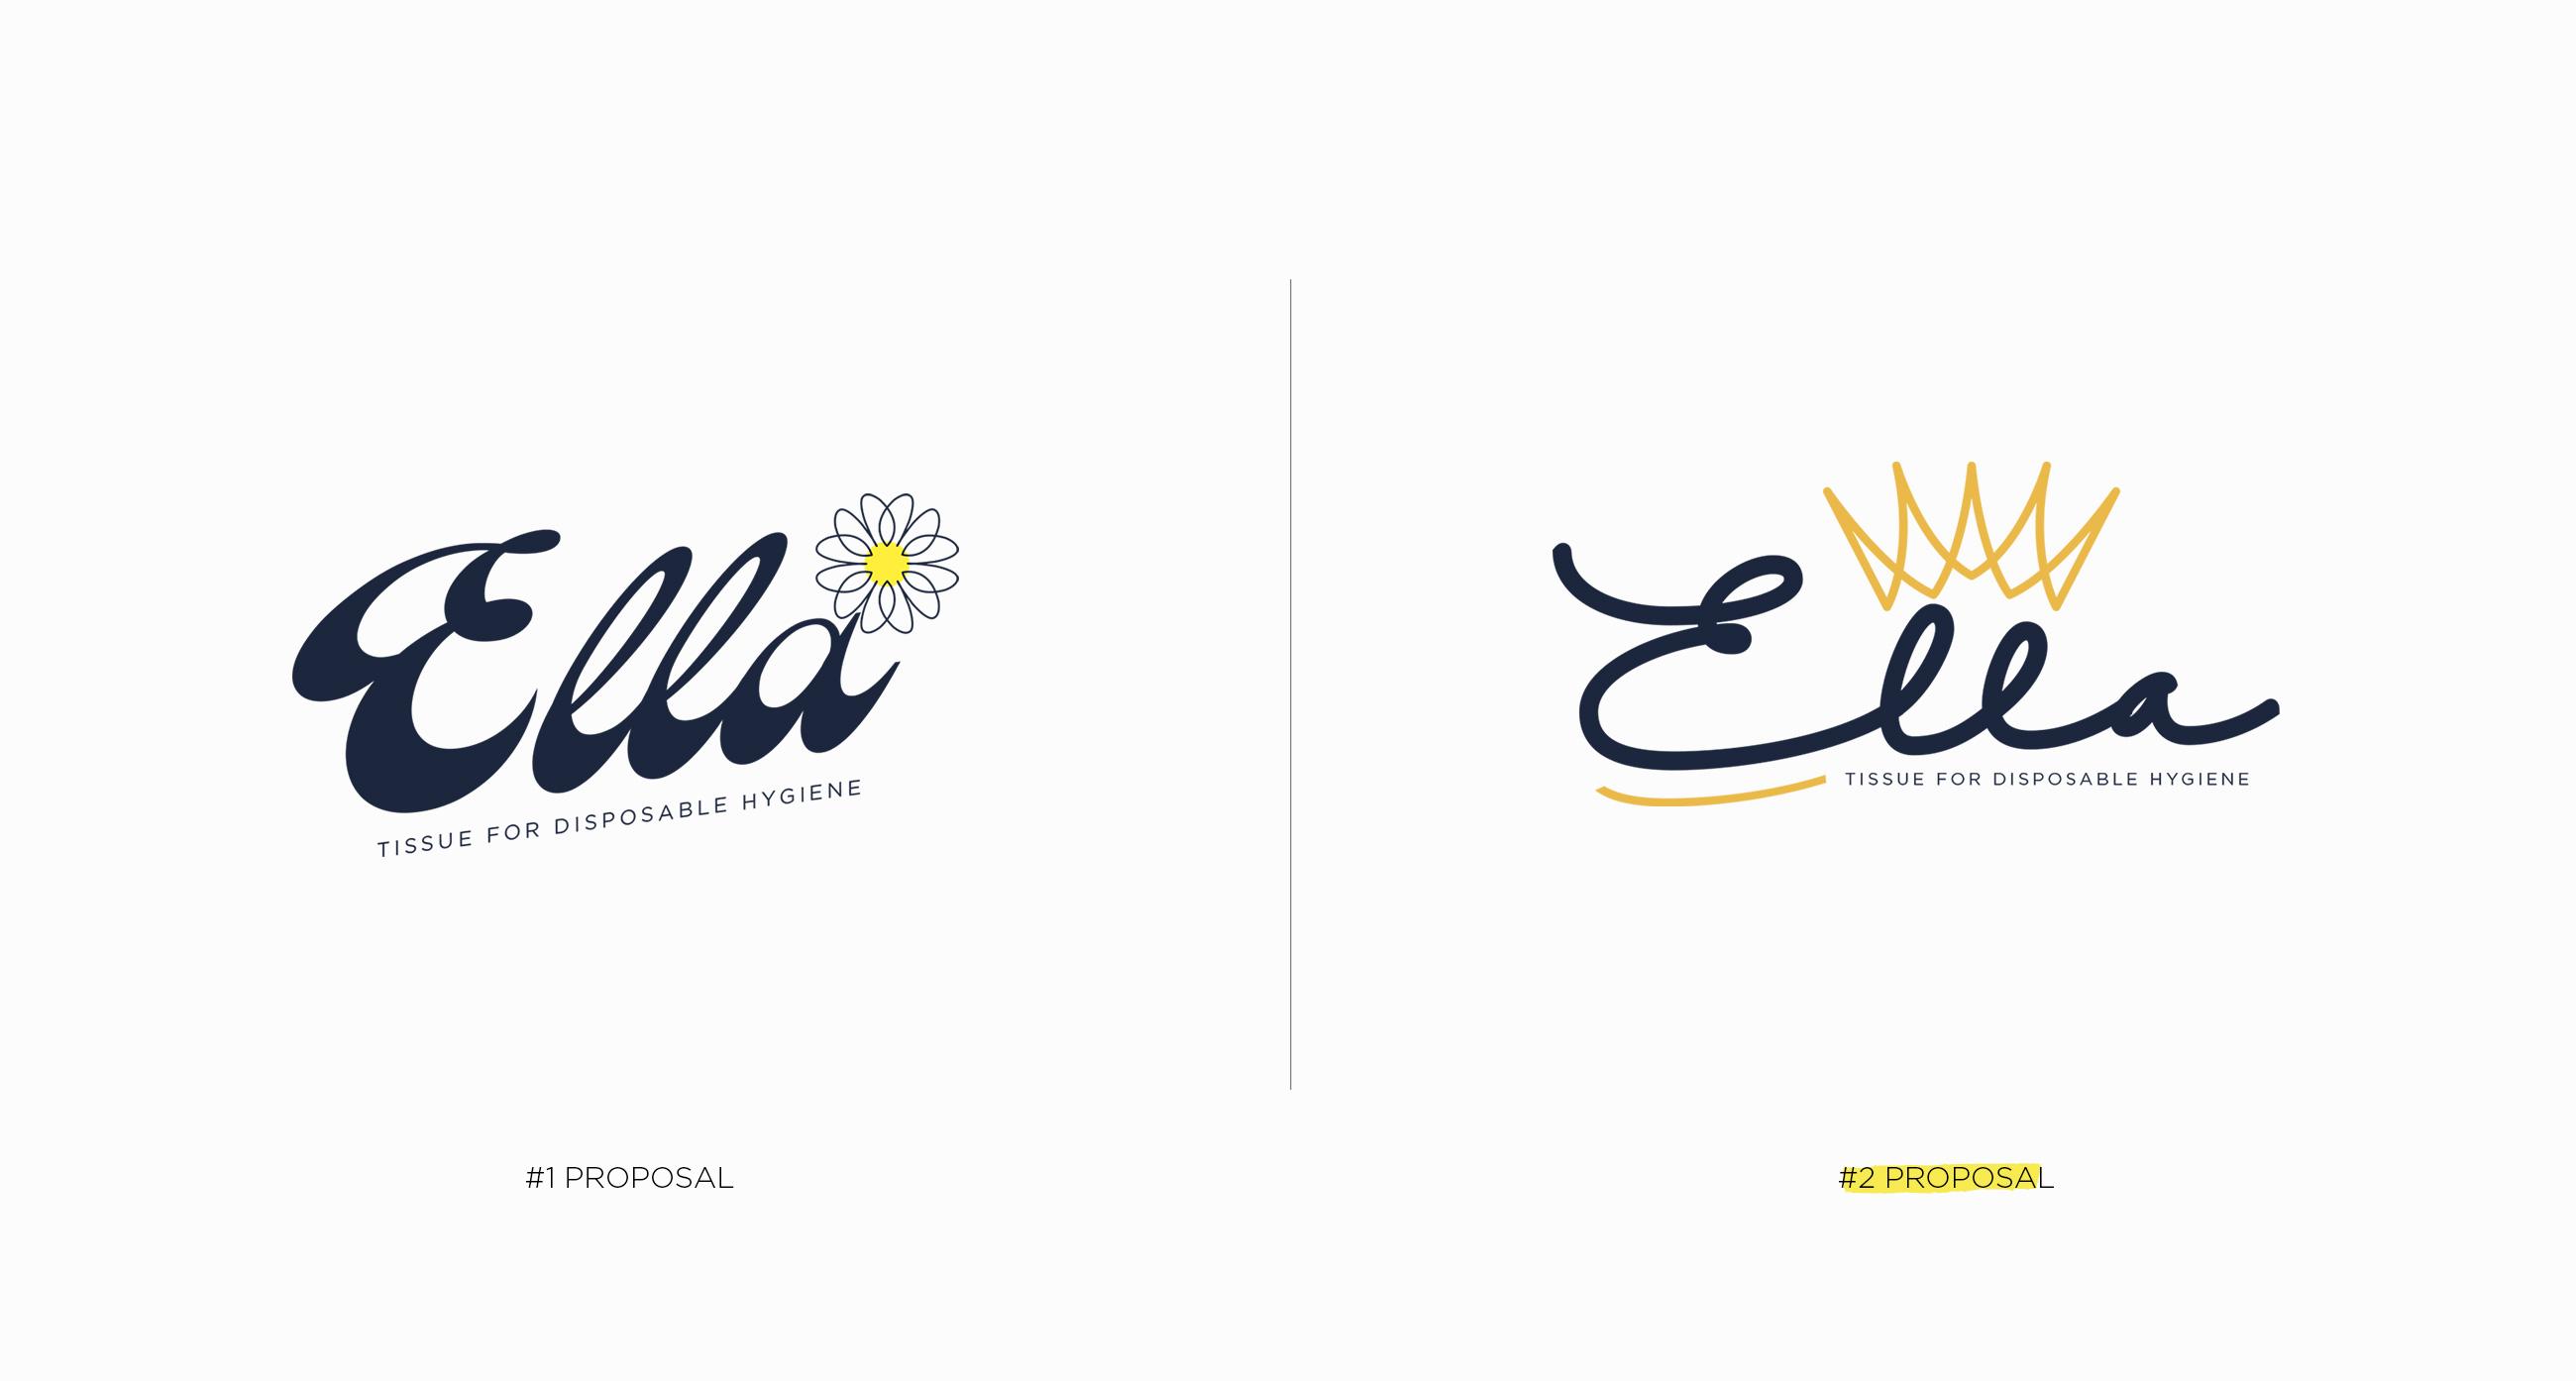 Nissco design nuovo logo prodotto